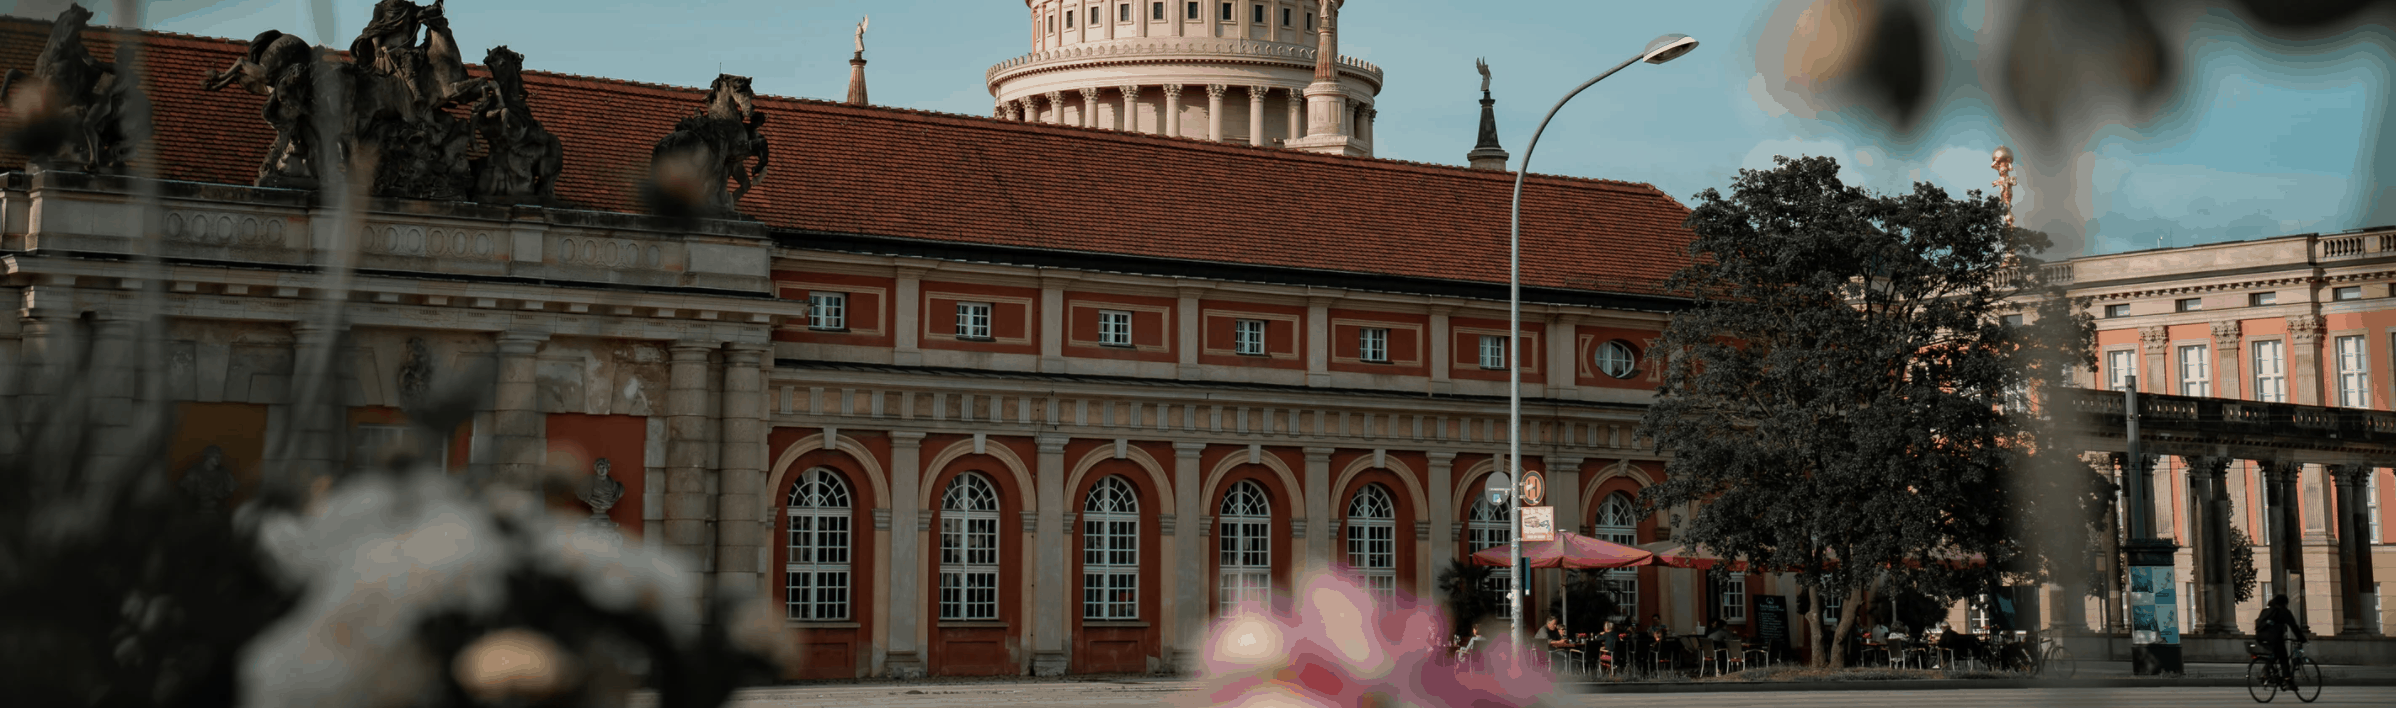 Liste Unternehmen Brandenburg